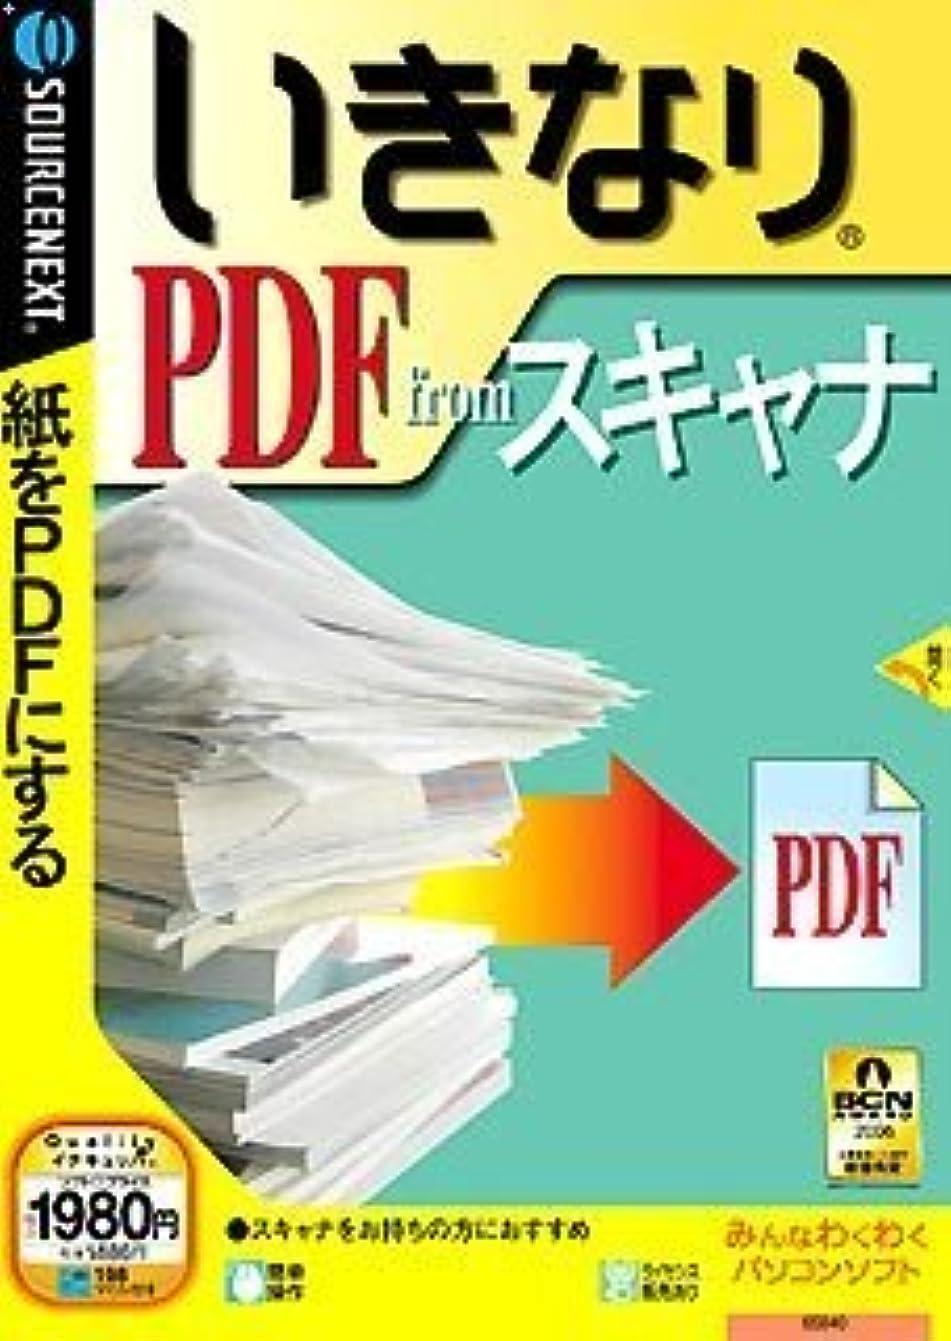 いきなりPDF from スキャナ (説明扉付きスリムパッケージ版)